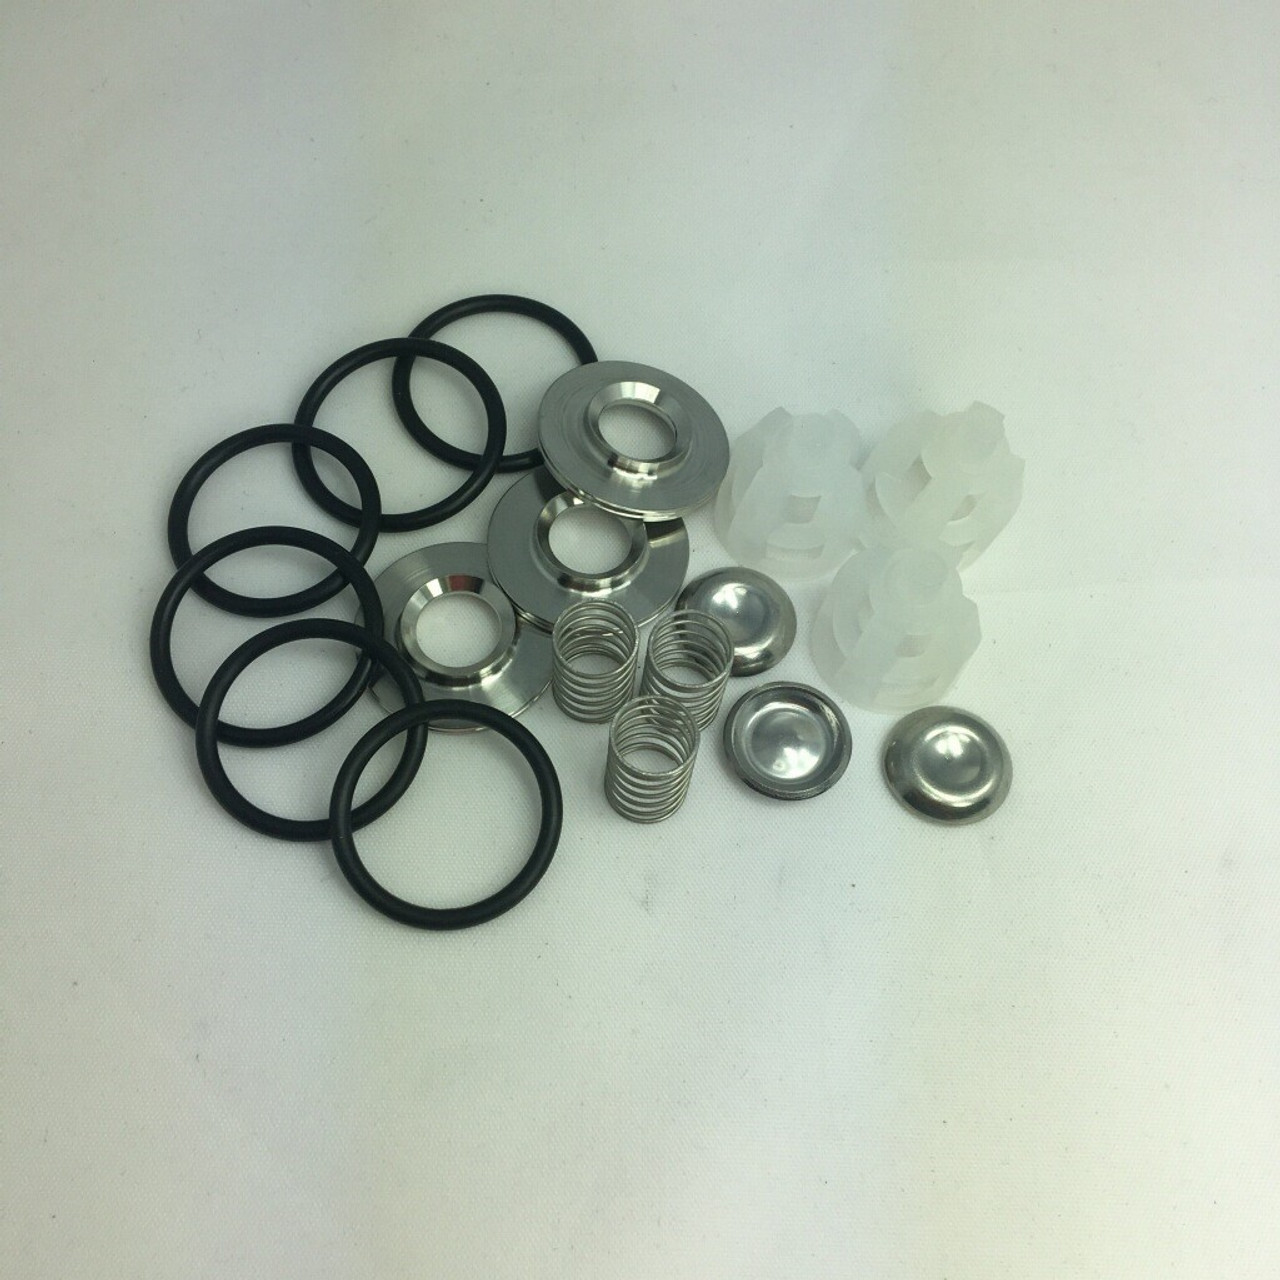 Aquamiser+ 1200-1800 Valve Kit, HP Pump 48-4120